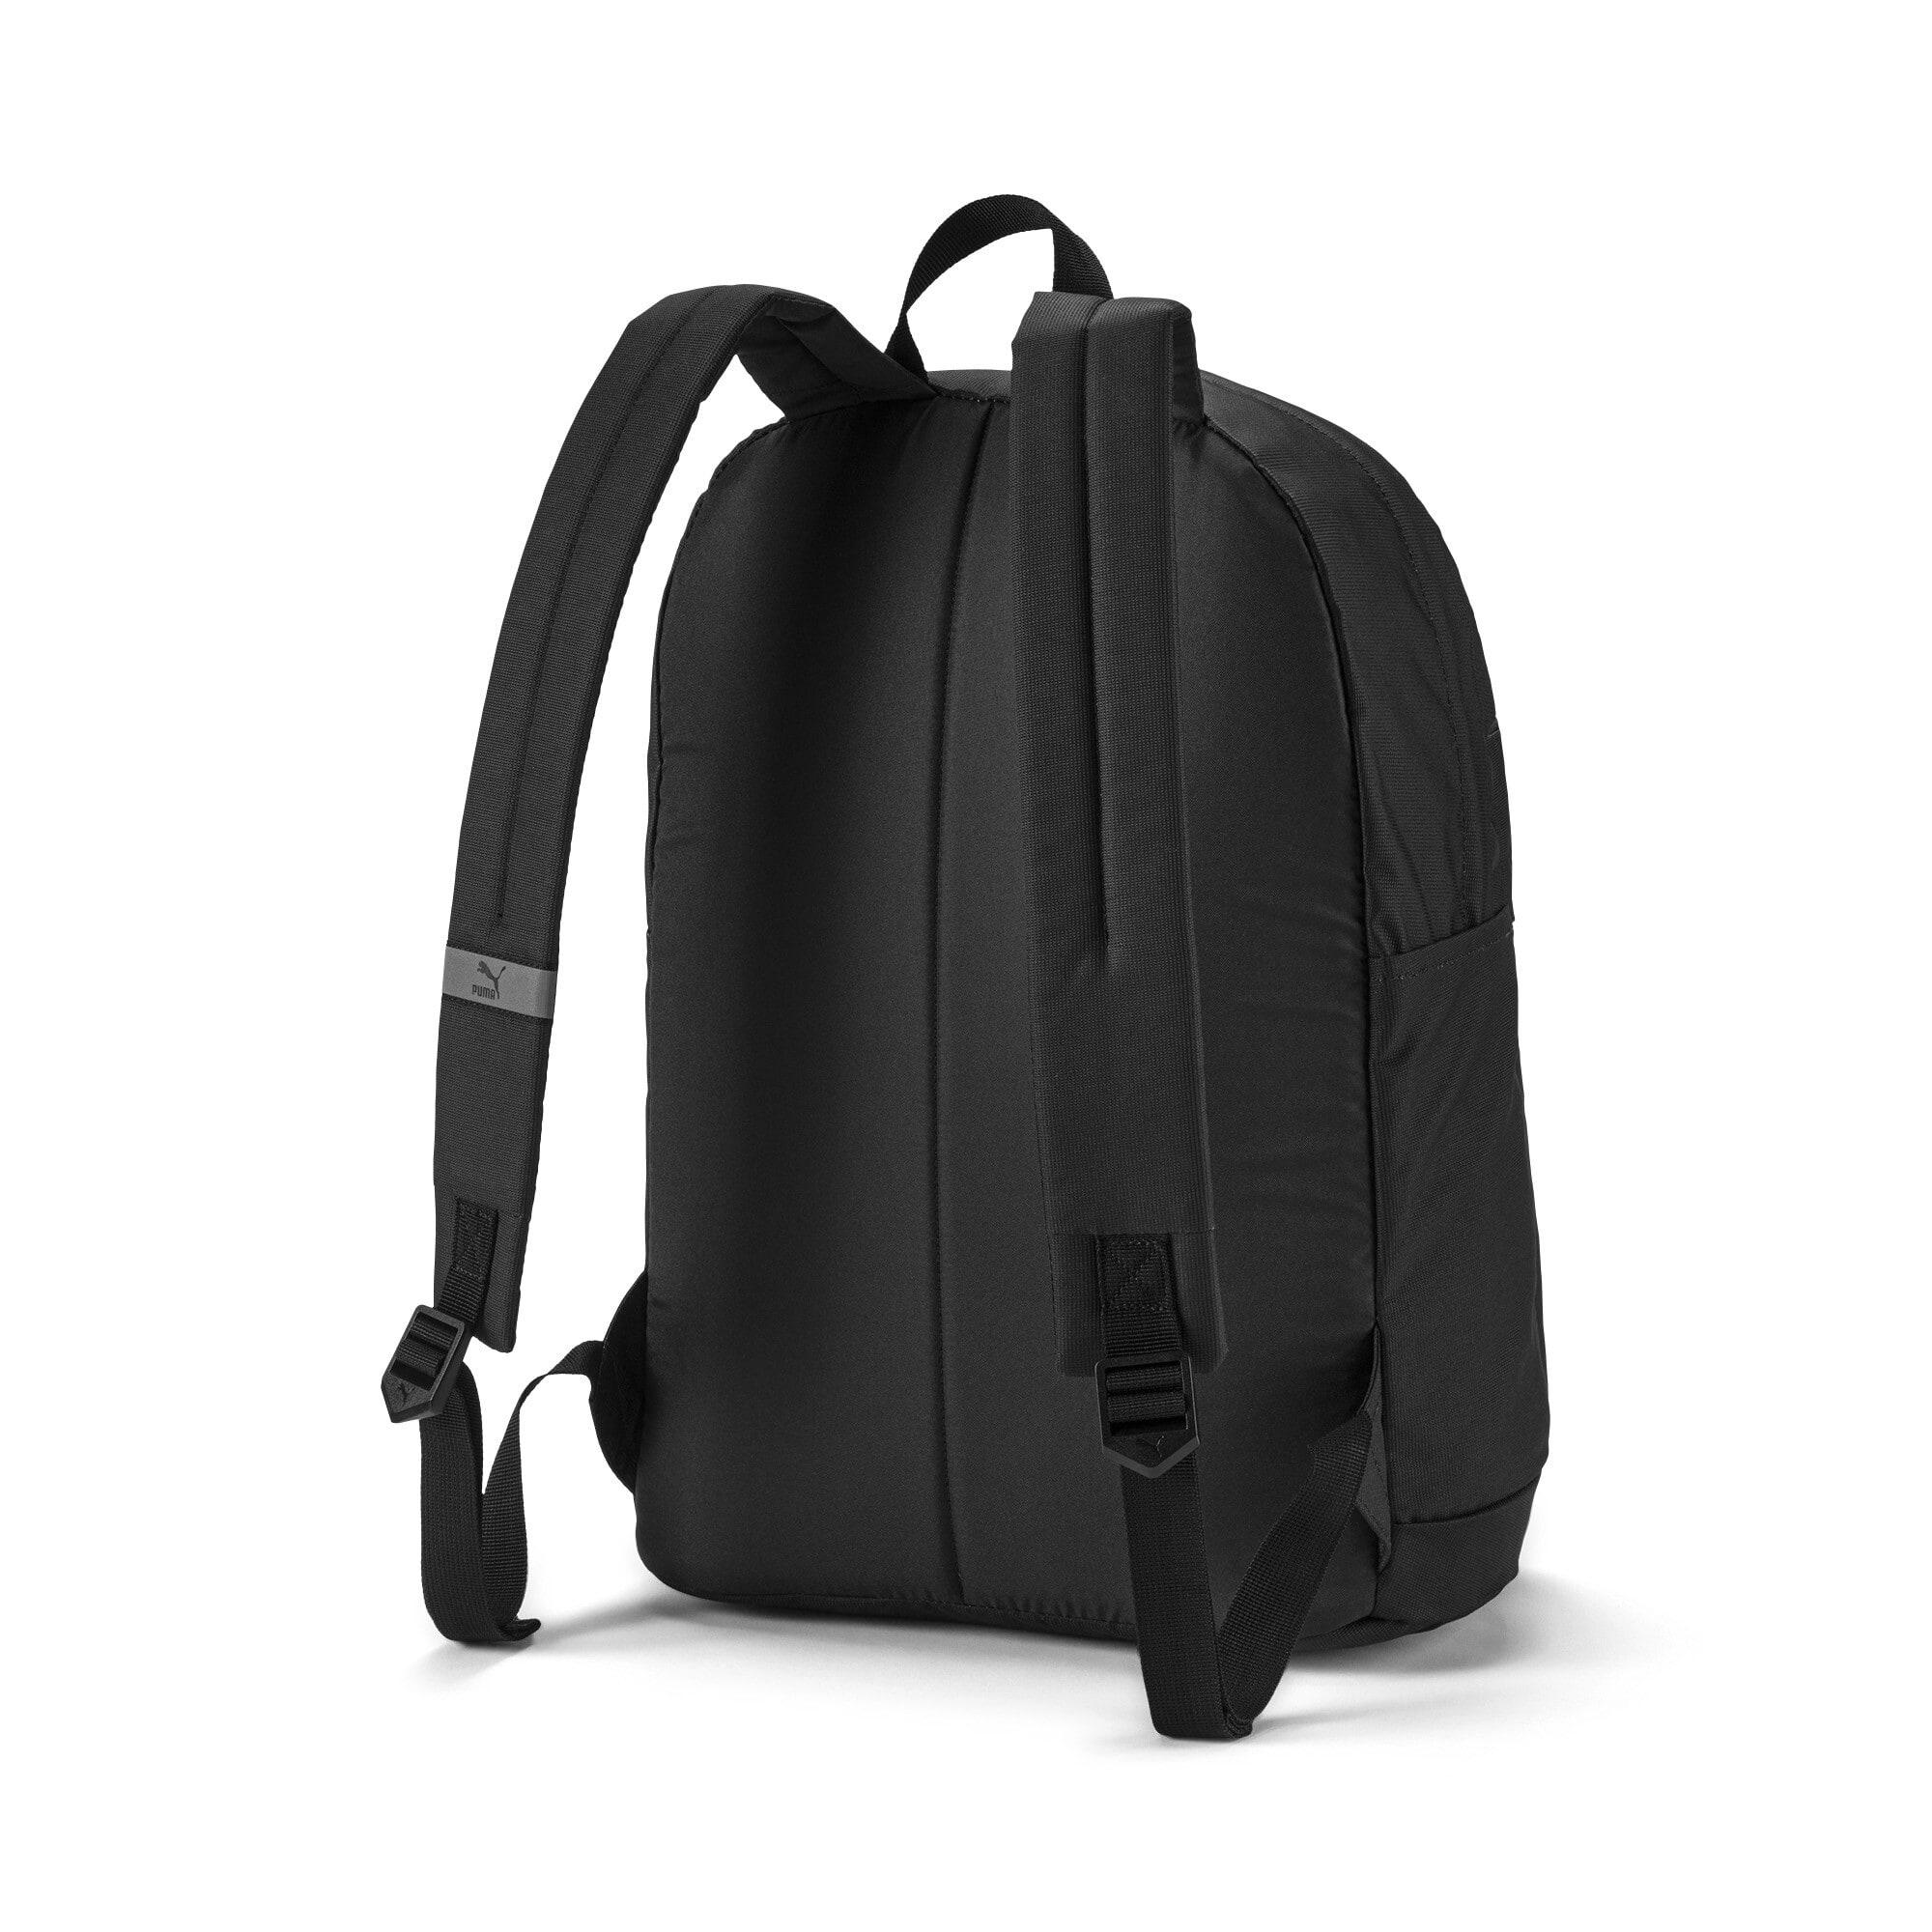 Thumbnail 3 of Originals Backpack, Puma Black, medium